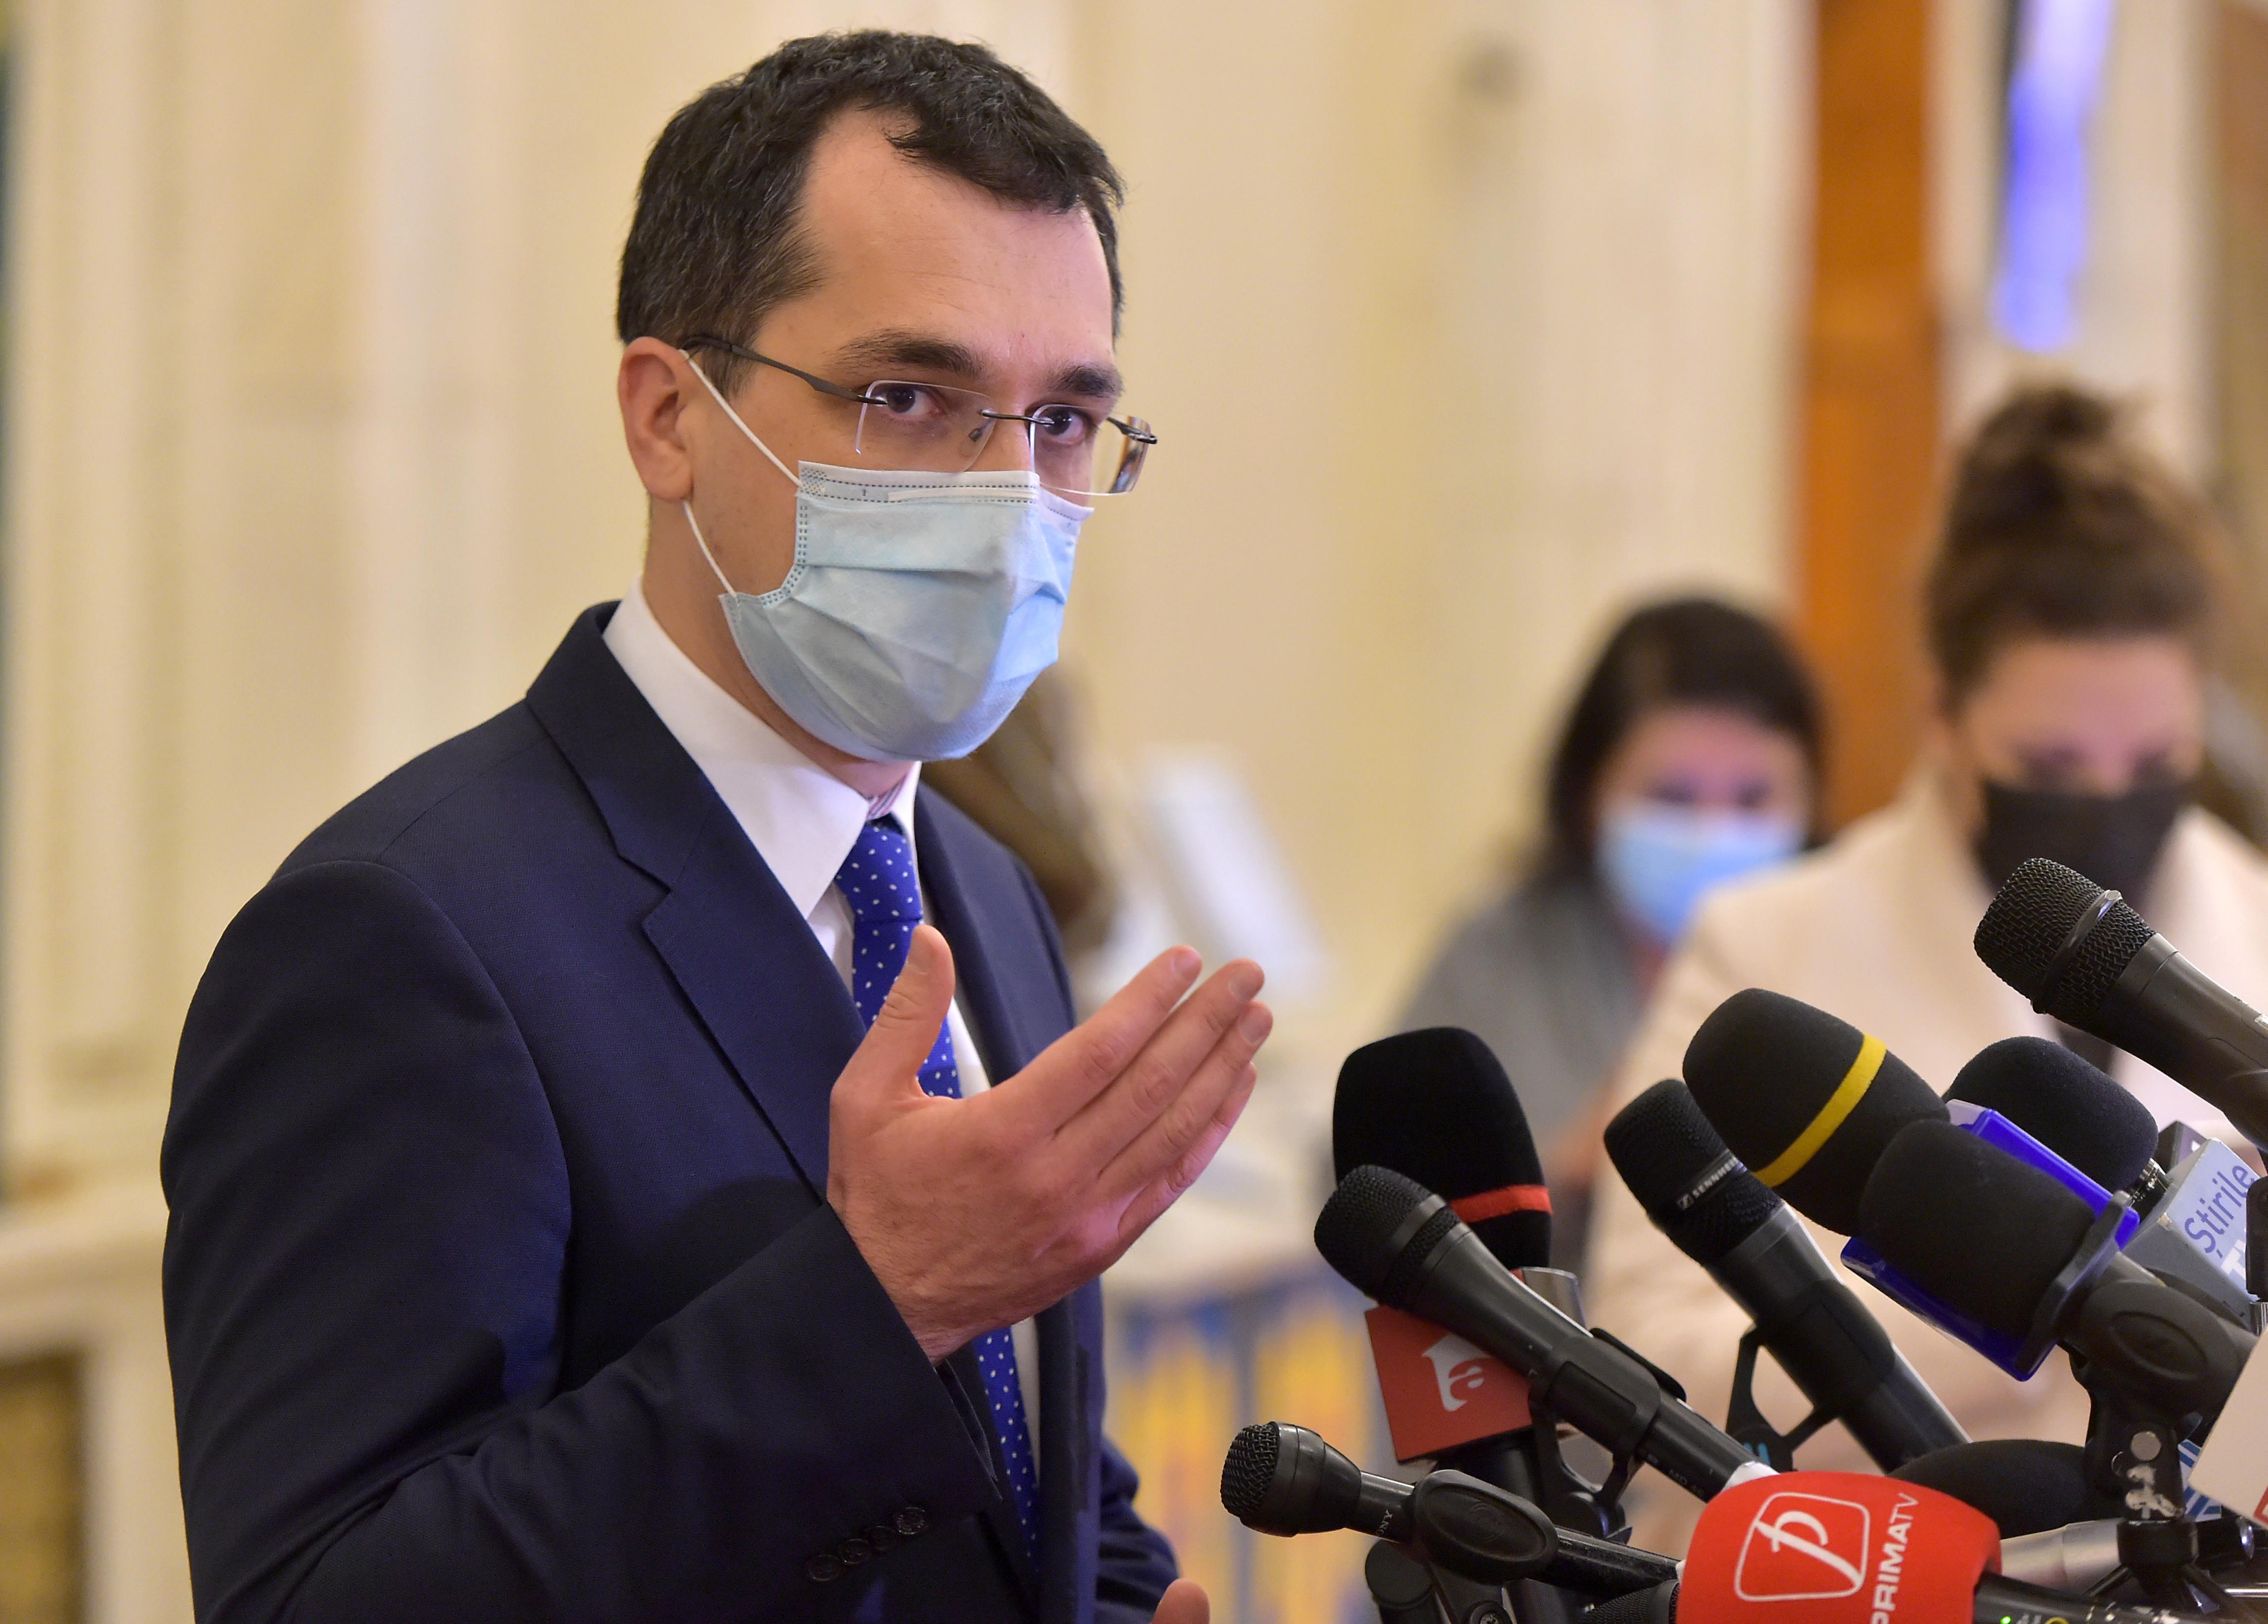 Managerii de spitale din România trag un semnal de alarmă. Ministrul Sănătății anunță noi măsuri